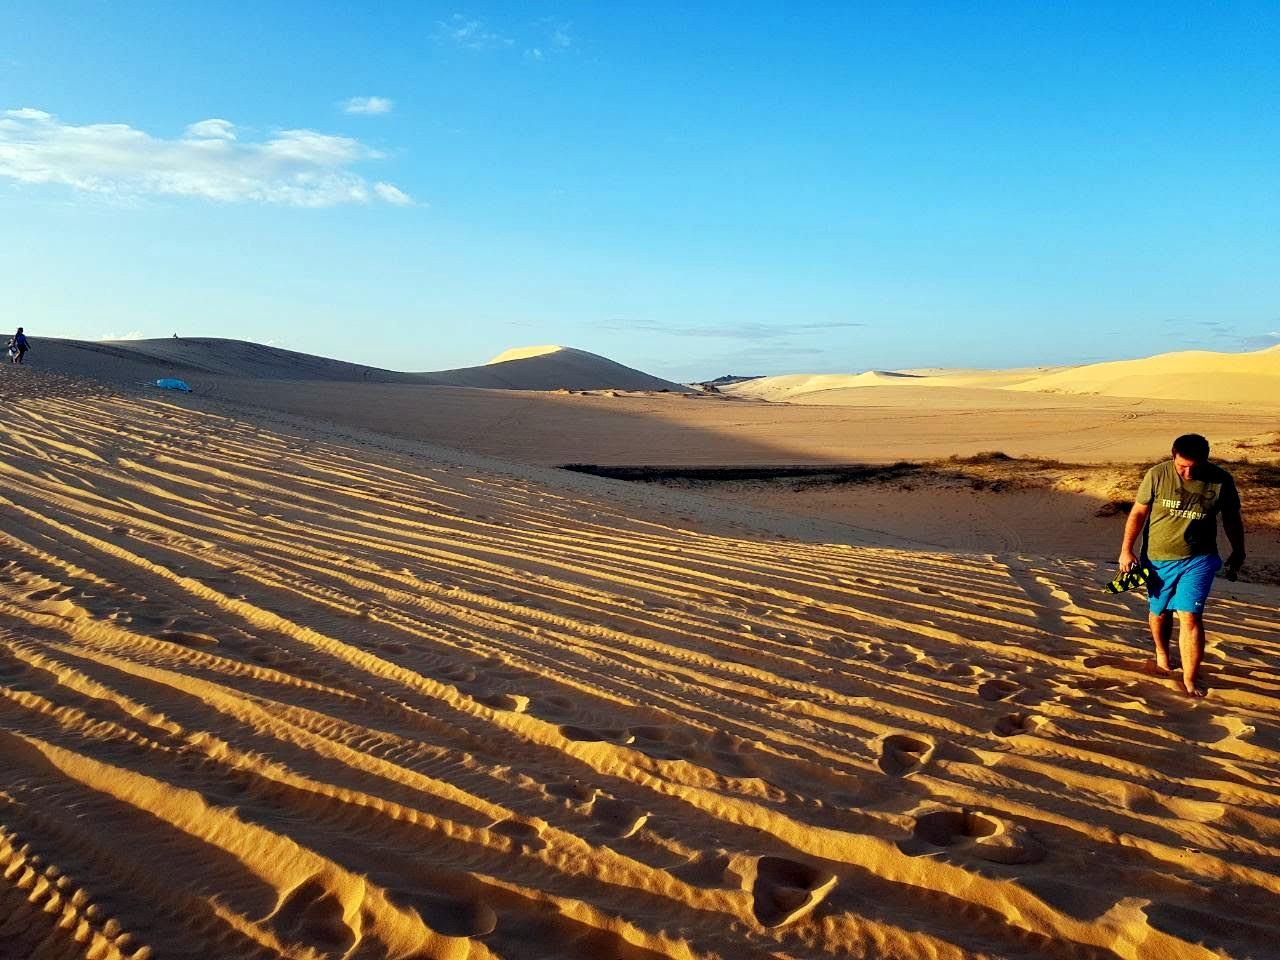 Рядом с Фантьетом есть такая вот мини пустыня с барханами. Место обязательно к посещению. Берите что-нибудь на прокат там обязательно!